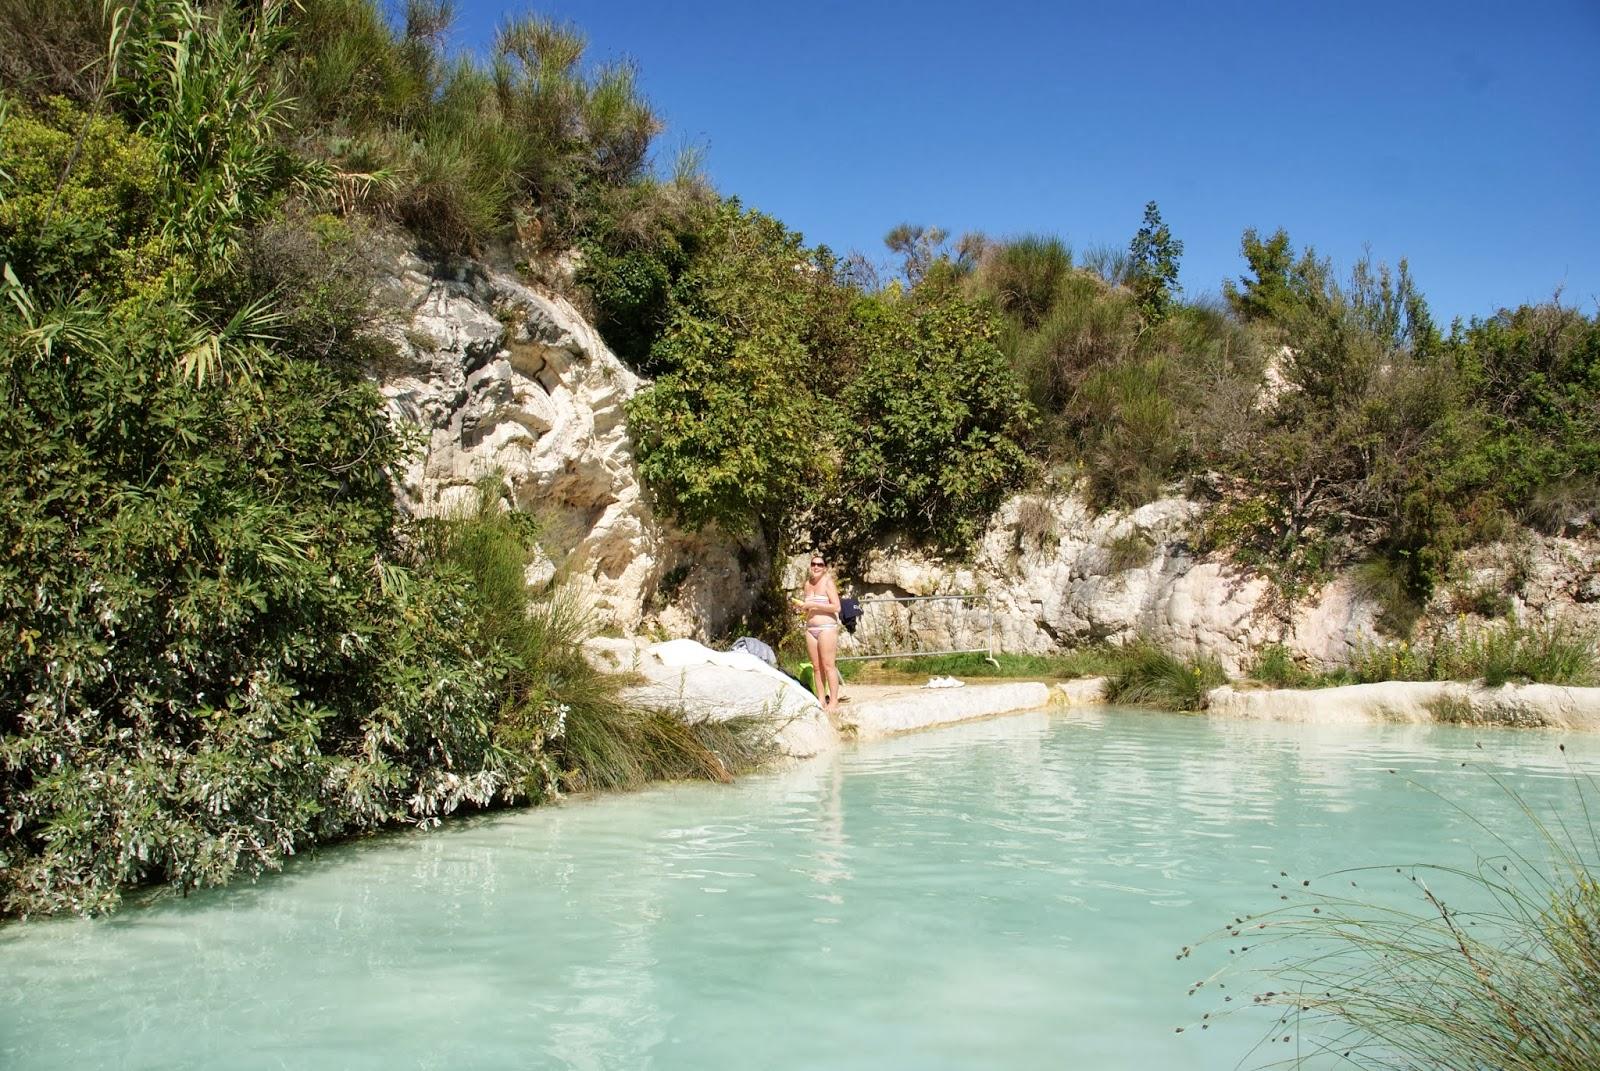 Bagno Vignoni, Włochy